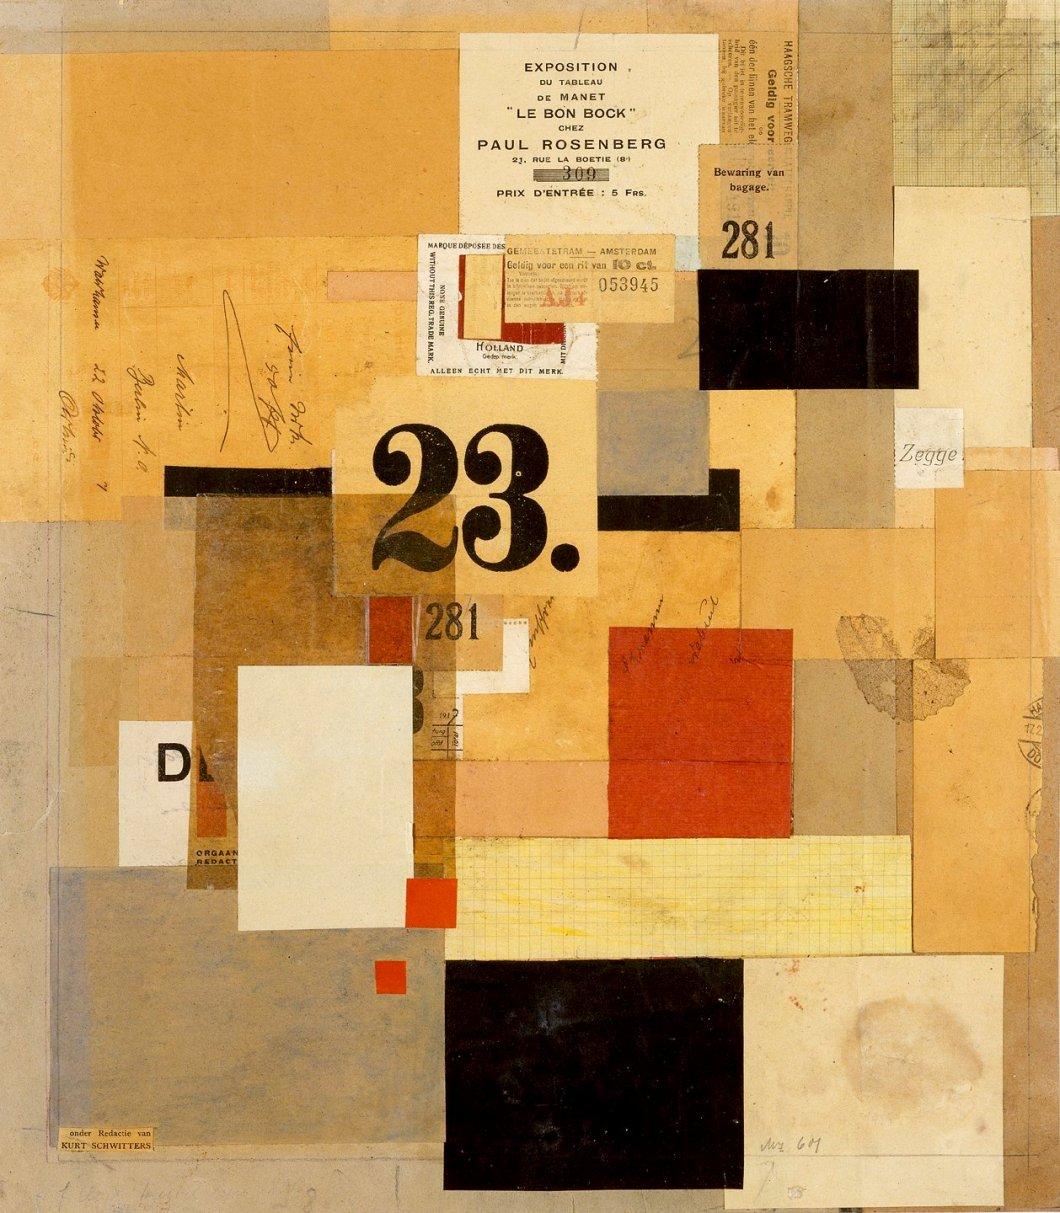 Kurt_Schwitters-designplayground_11